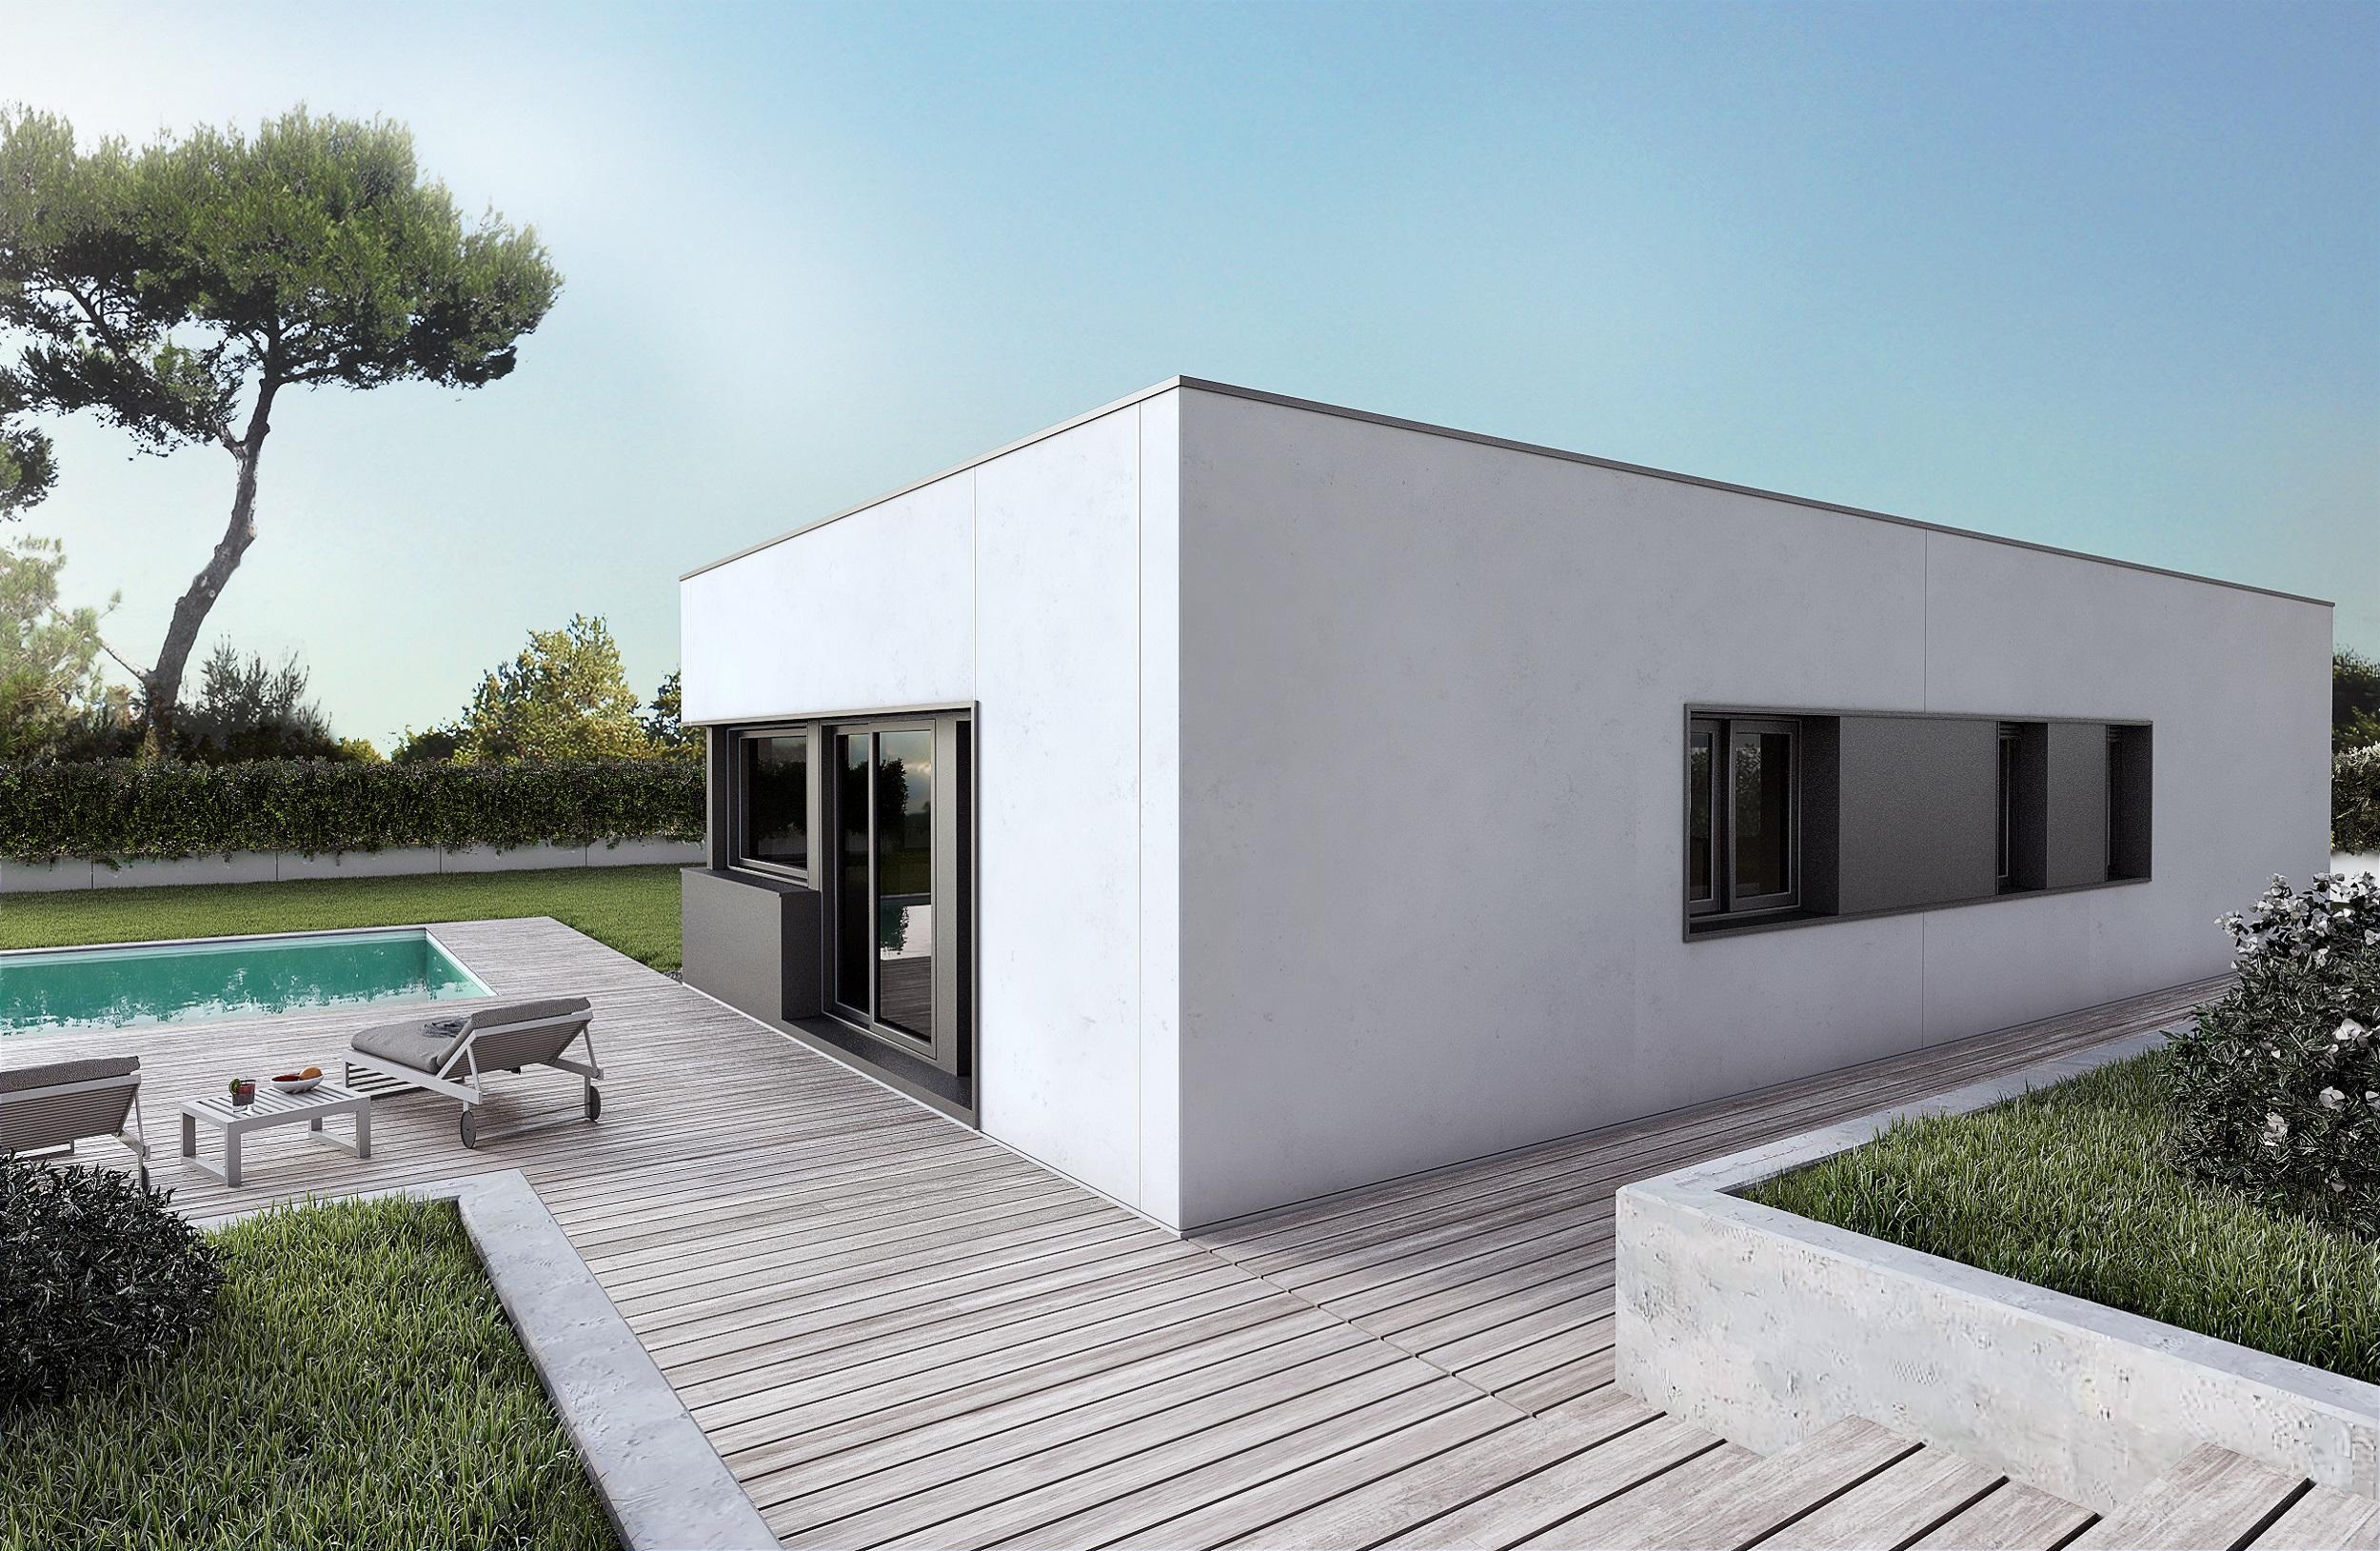 Hormipresa Casas Prefabricadas Hormigón Precios